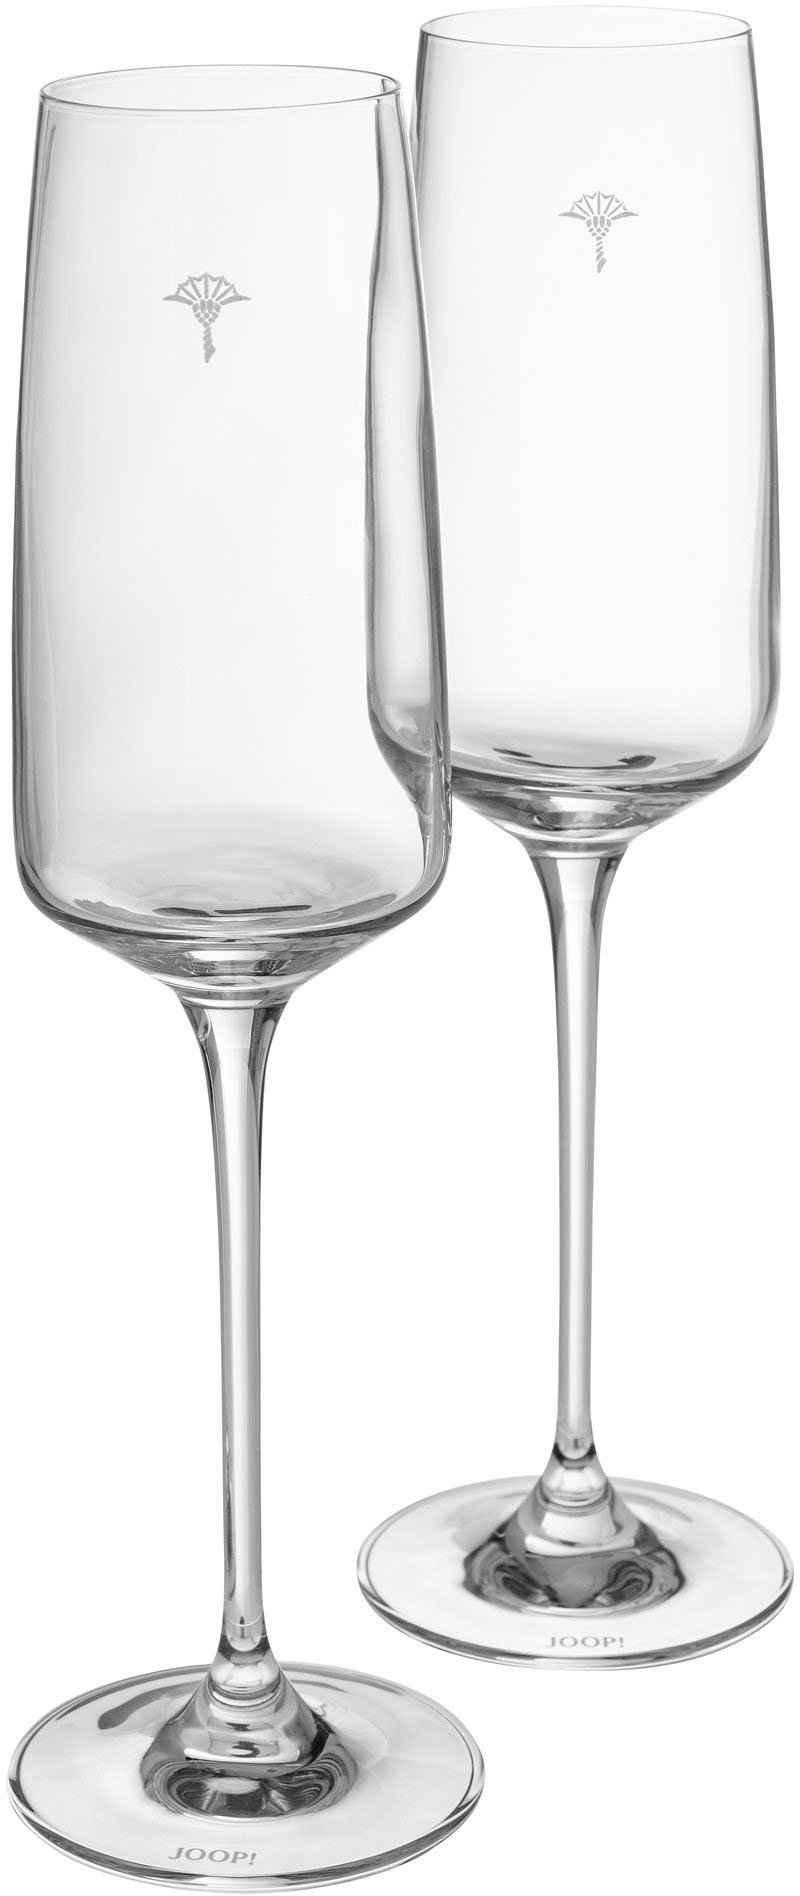 Joop! Champagnerglas »JOOP! SINGLE CORNFLOWER«, Kristallglas, mit einzelner Kornblume als Dekor, 2-teilig